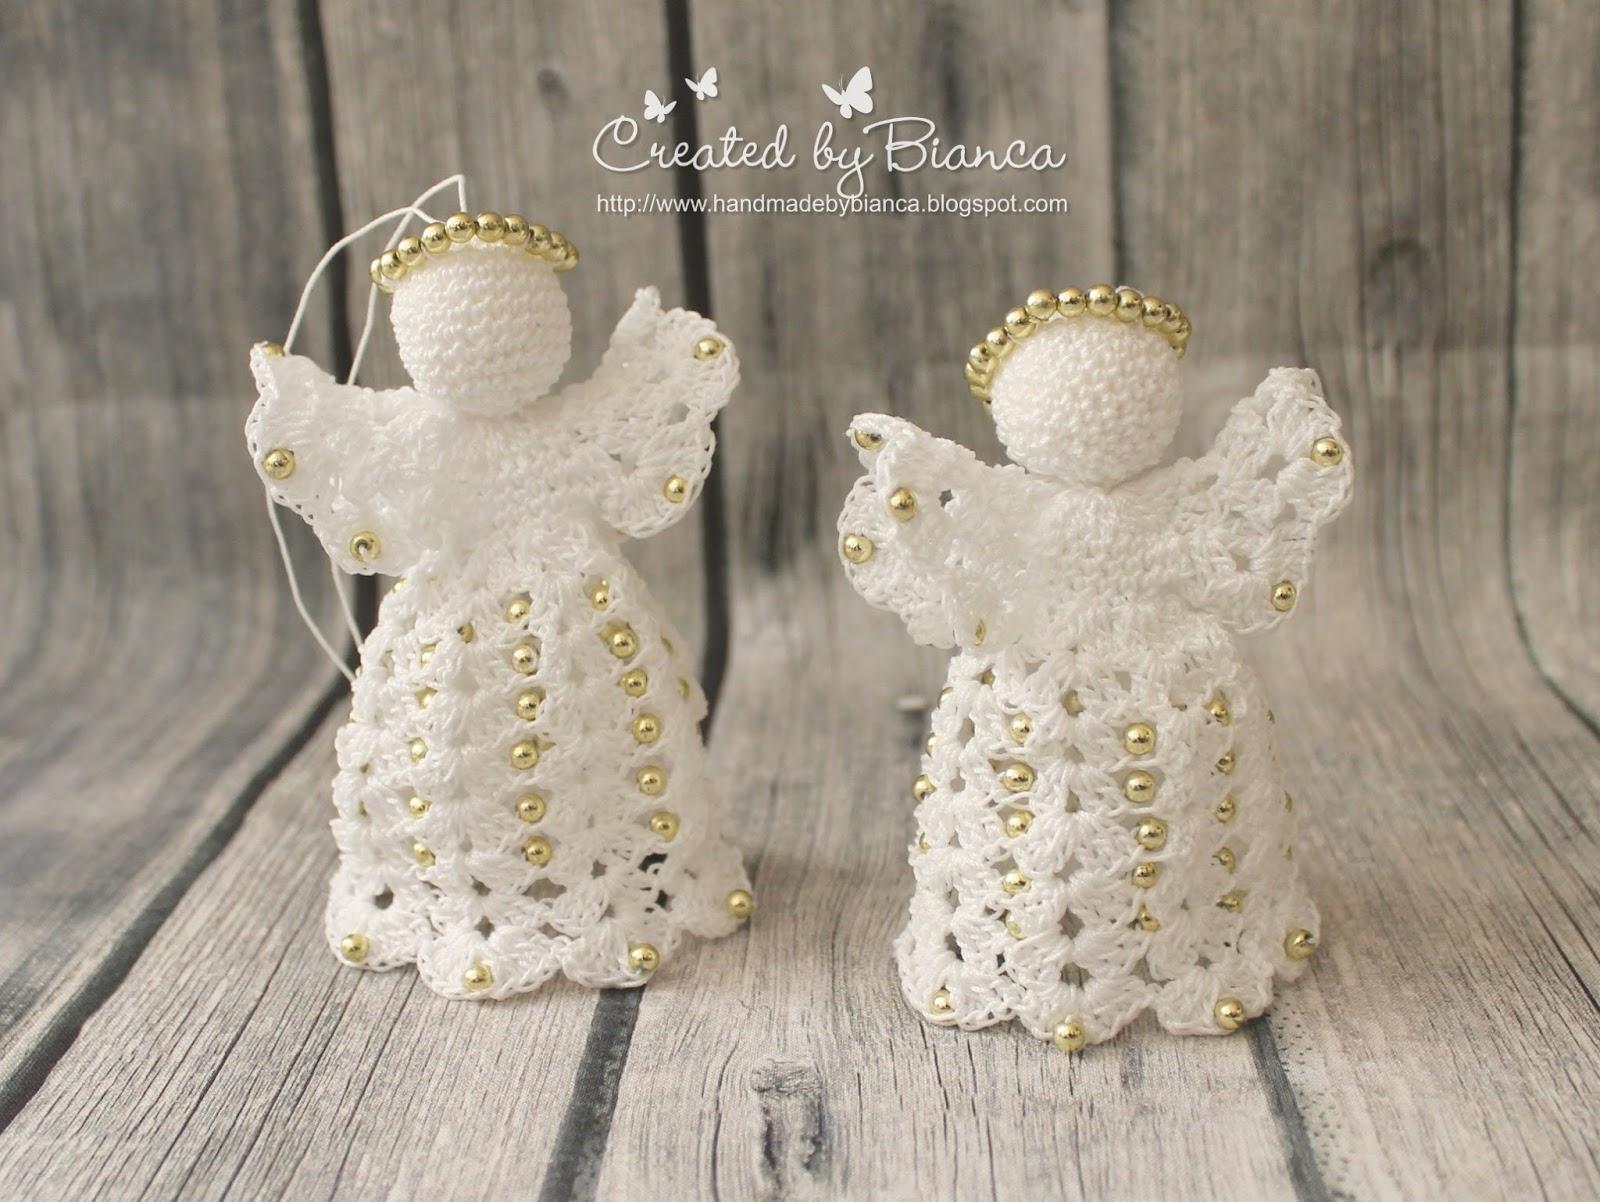 Handmade By Bianca Nostalgie Weihnachtsschmuck Engel Mit Perlen